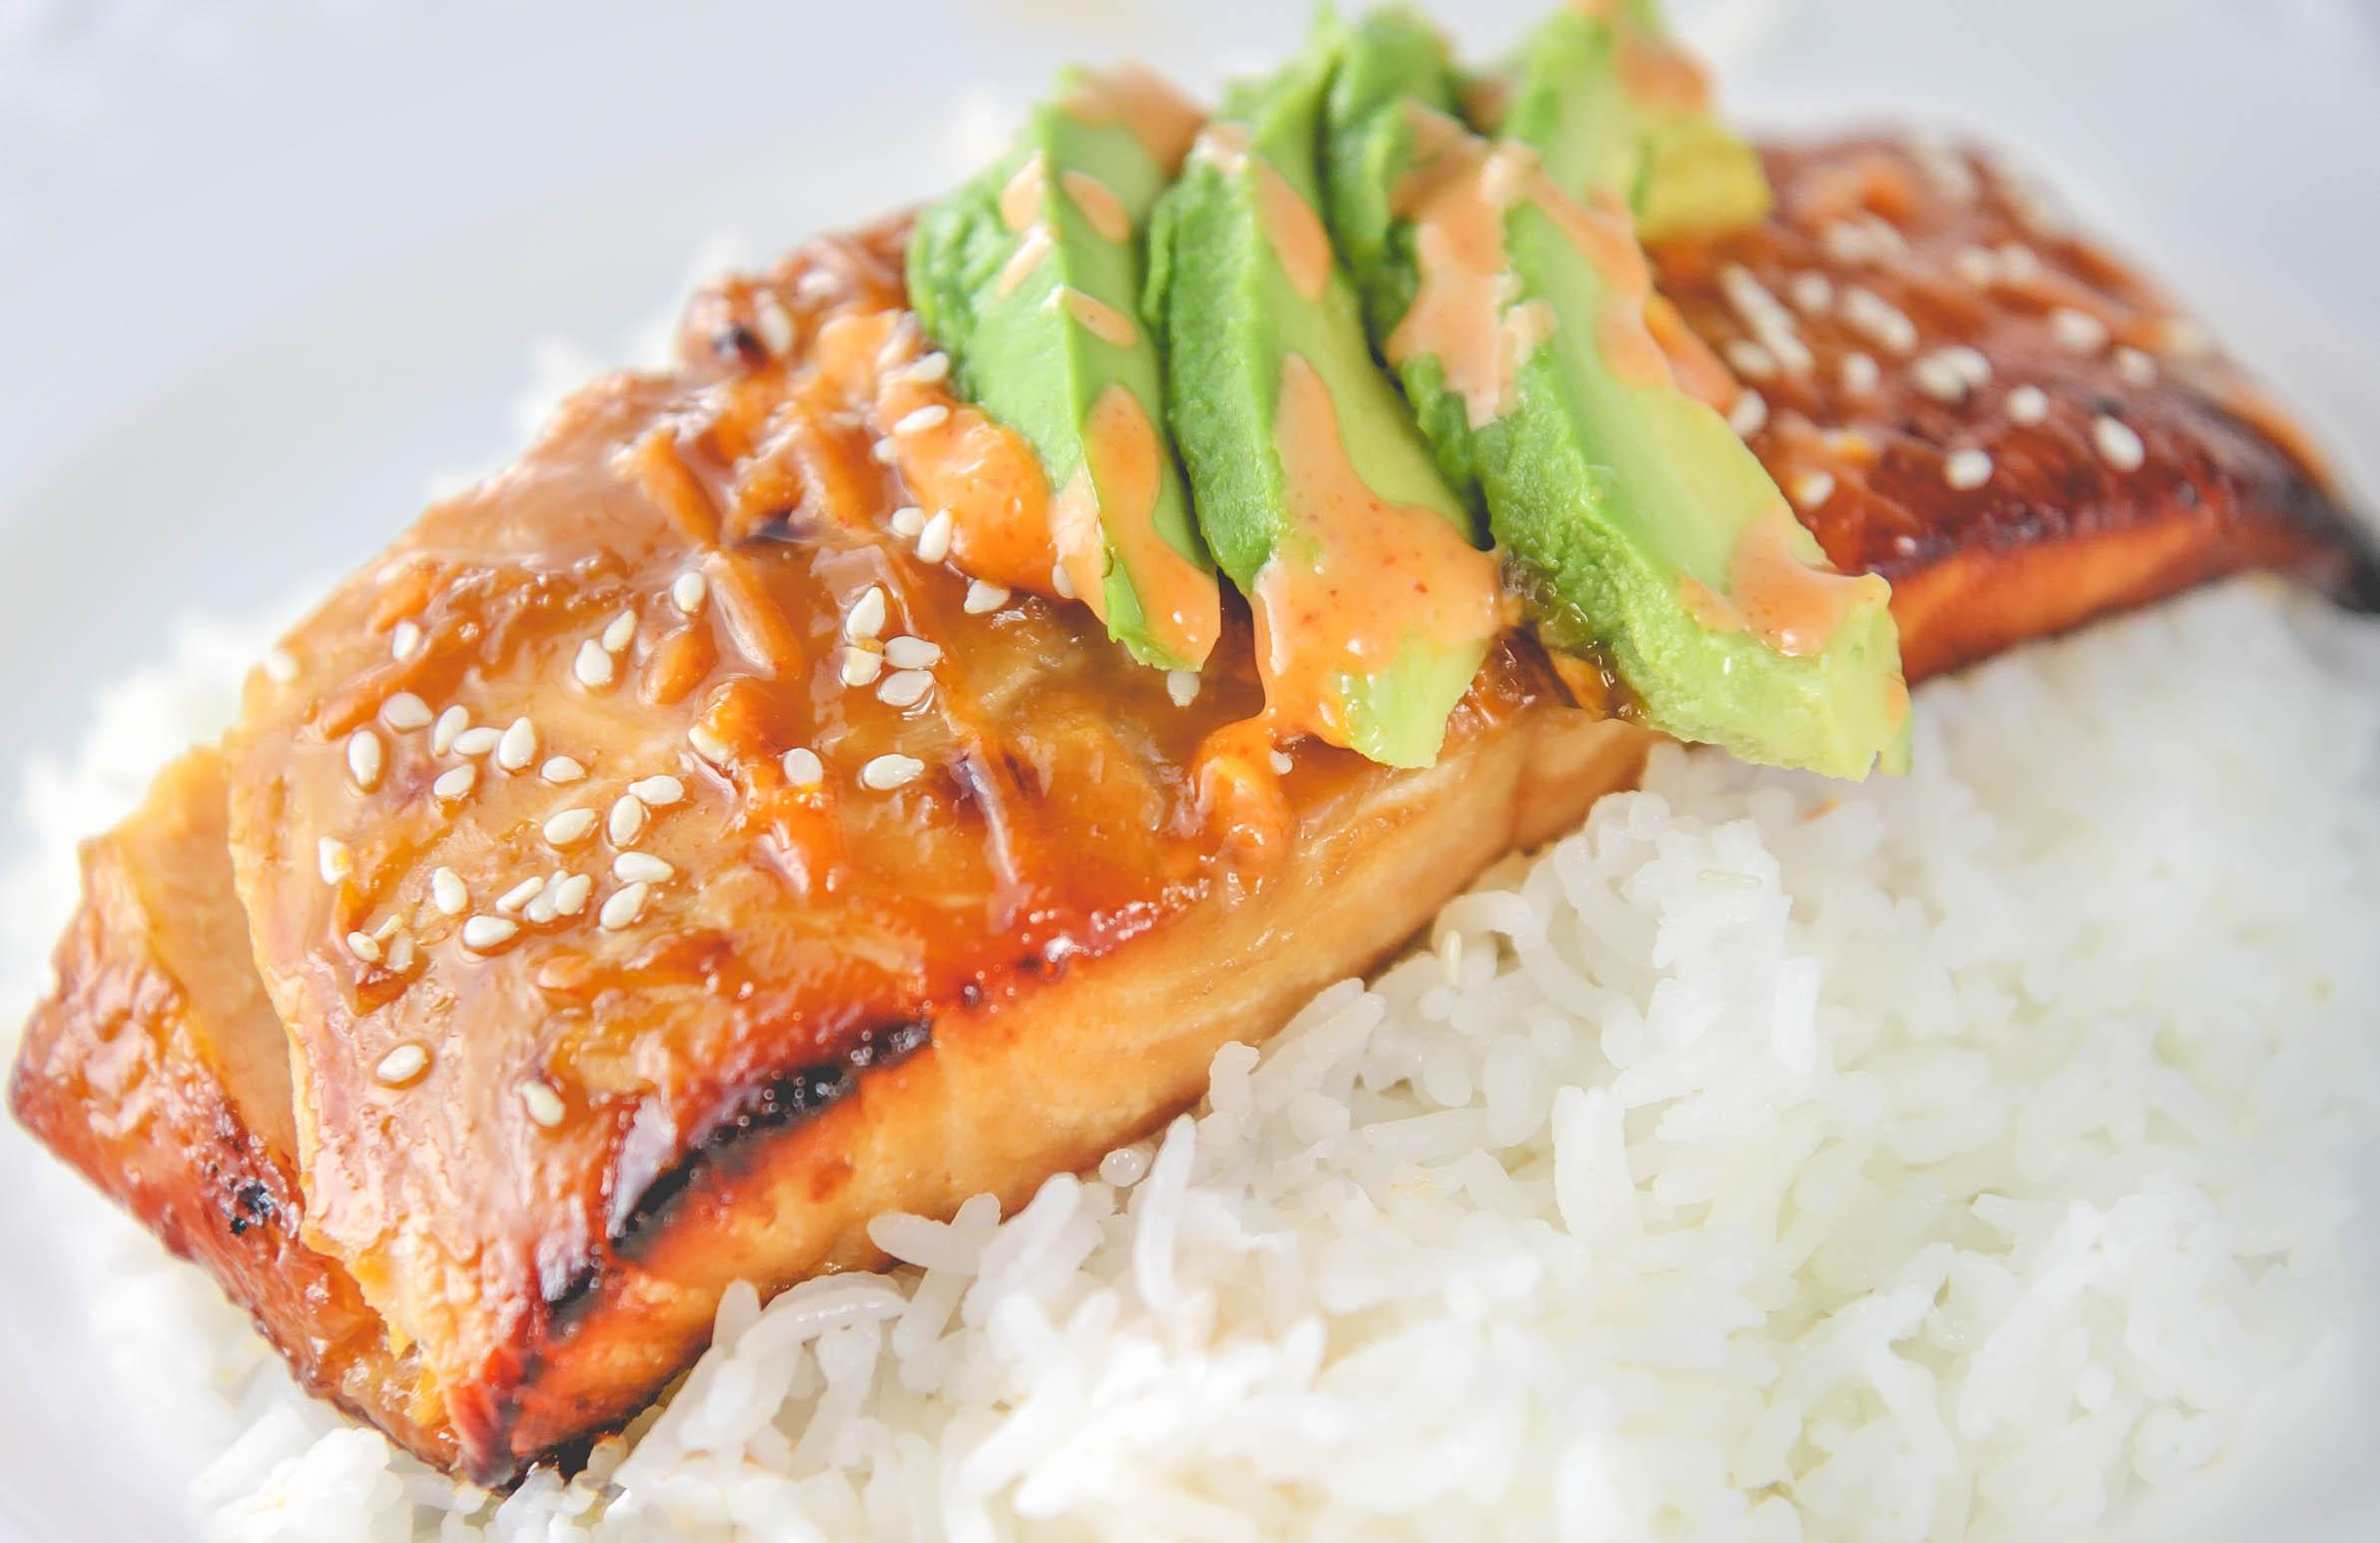 Baked Teriyaki Salmon with Mayo and Sriracha Sauce